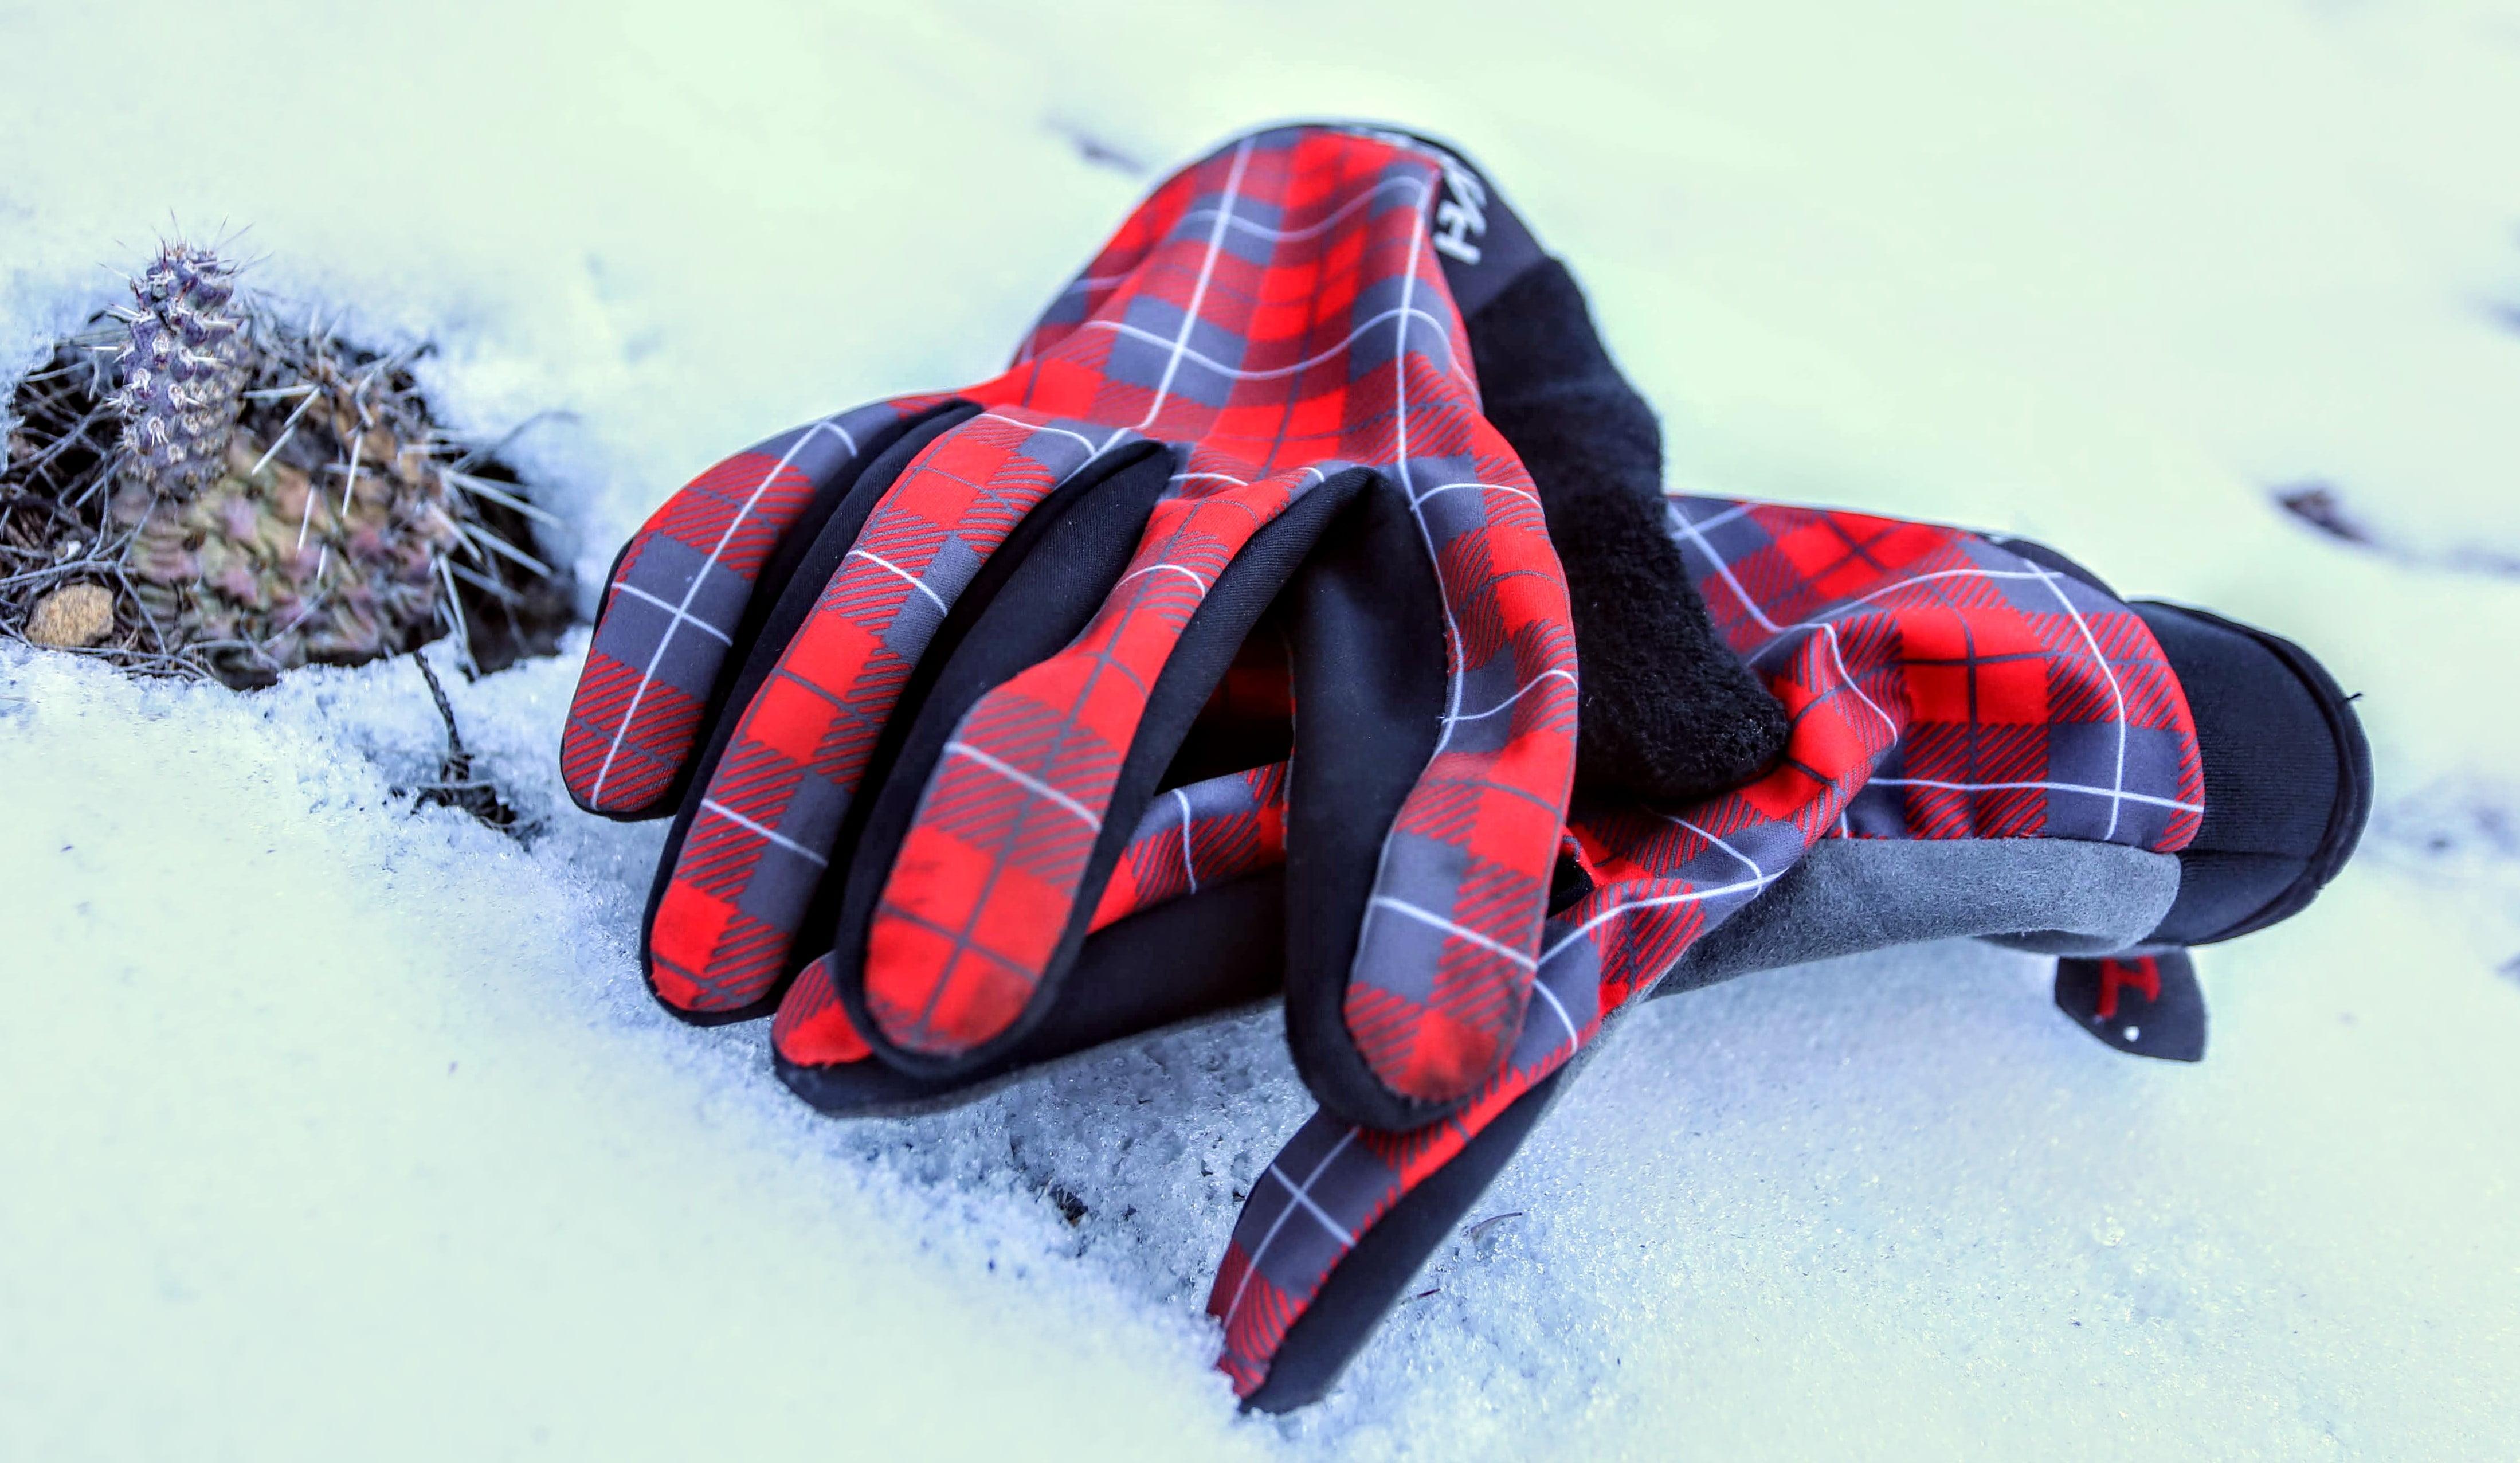 Handup Winter Glove Review